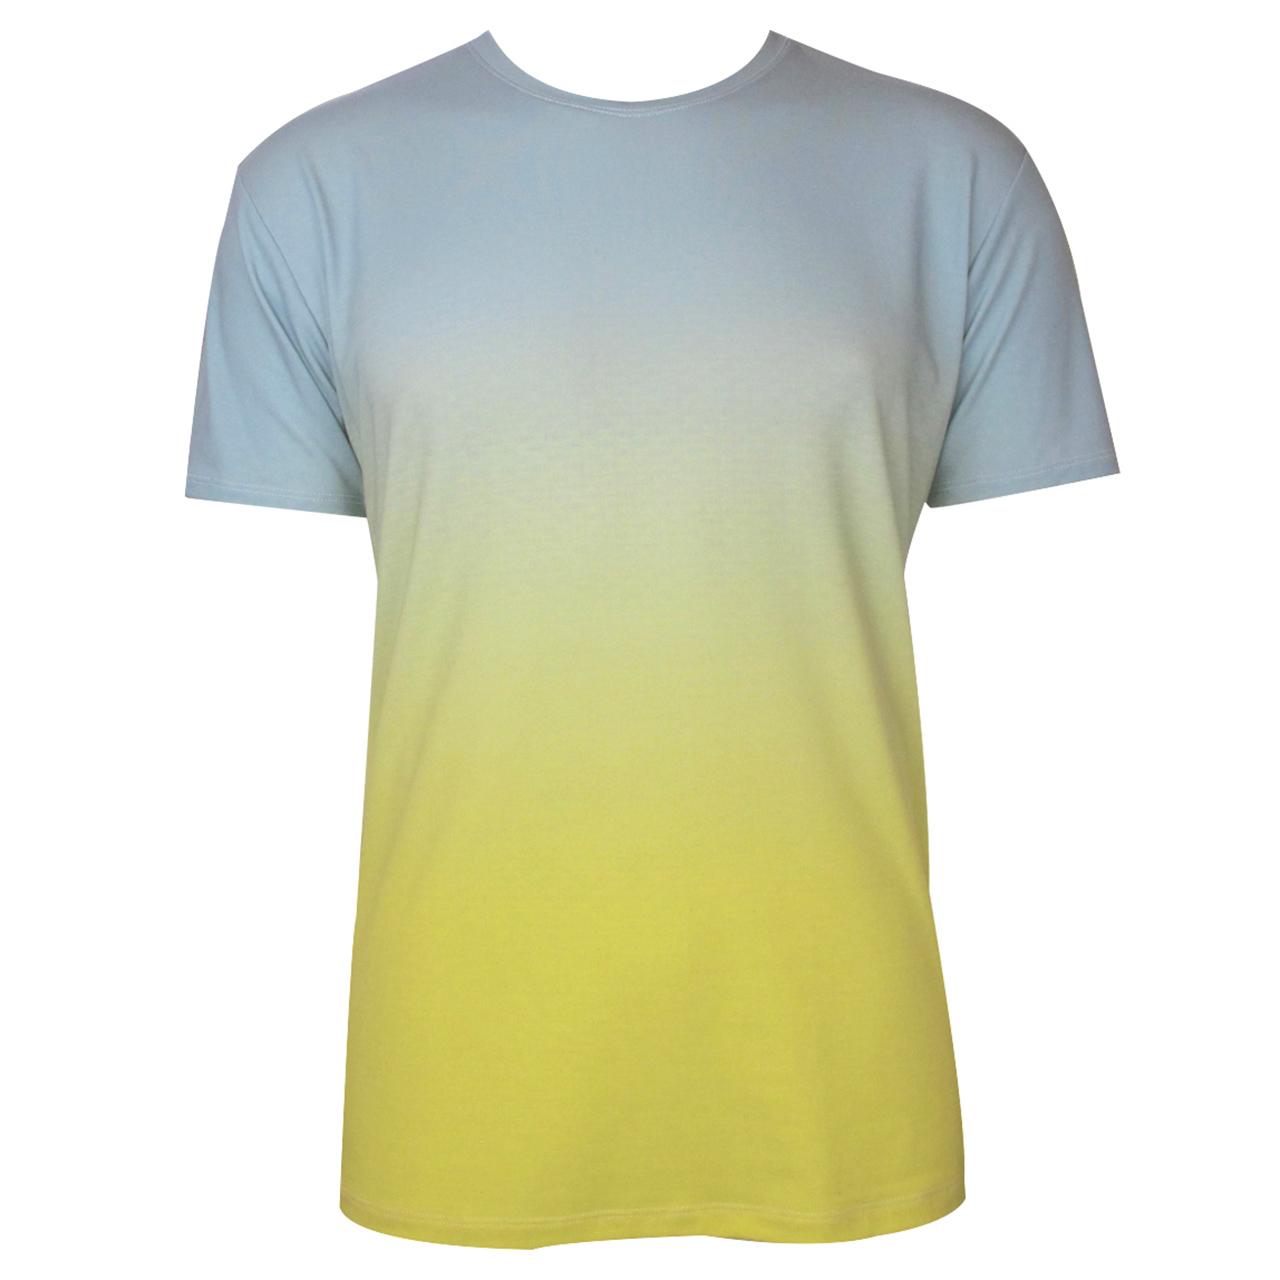 Berlin T-Shirt mit Farbverlauf Brandenburger Tor hell-blau/gelb